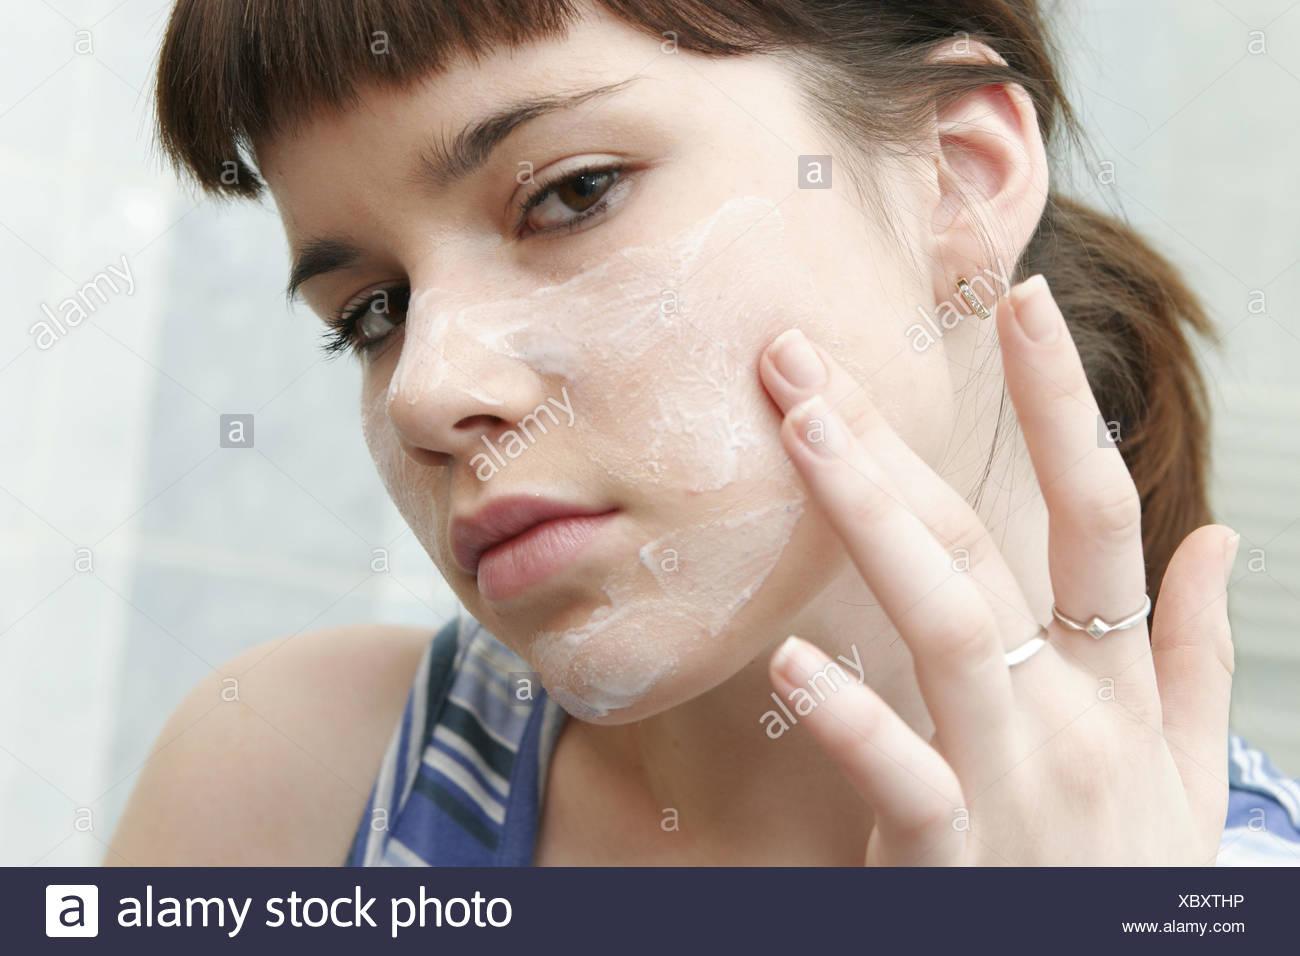 Badezimmer Frau Maedchen Adolescent Spiegel Gesicht Eincremen